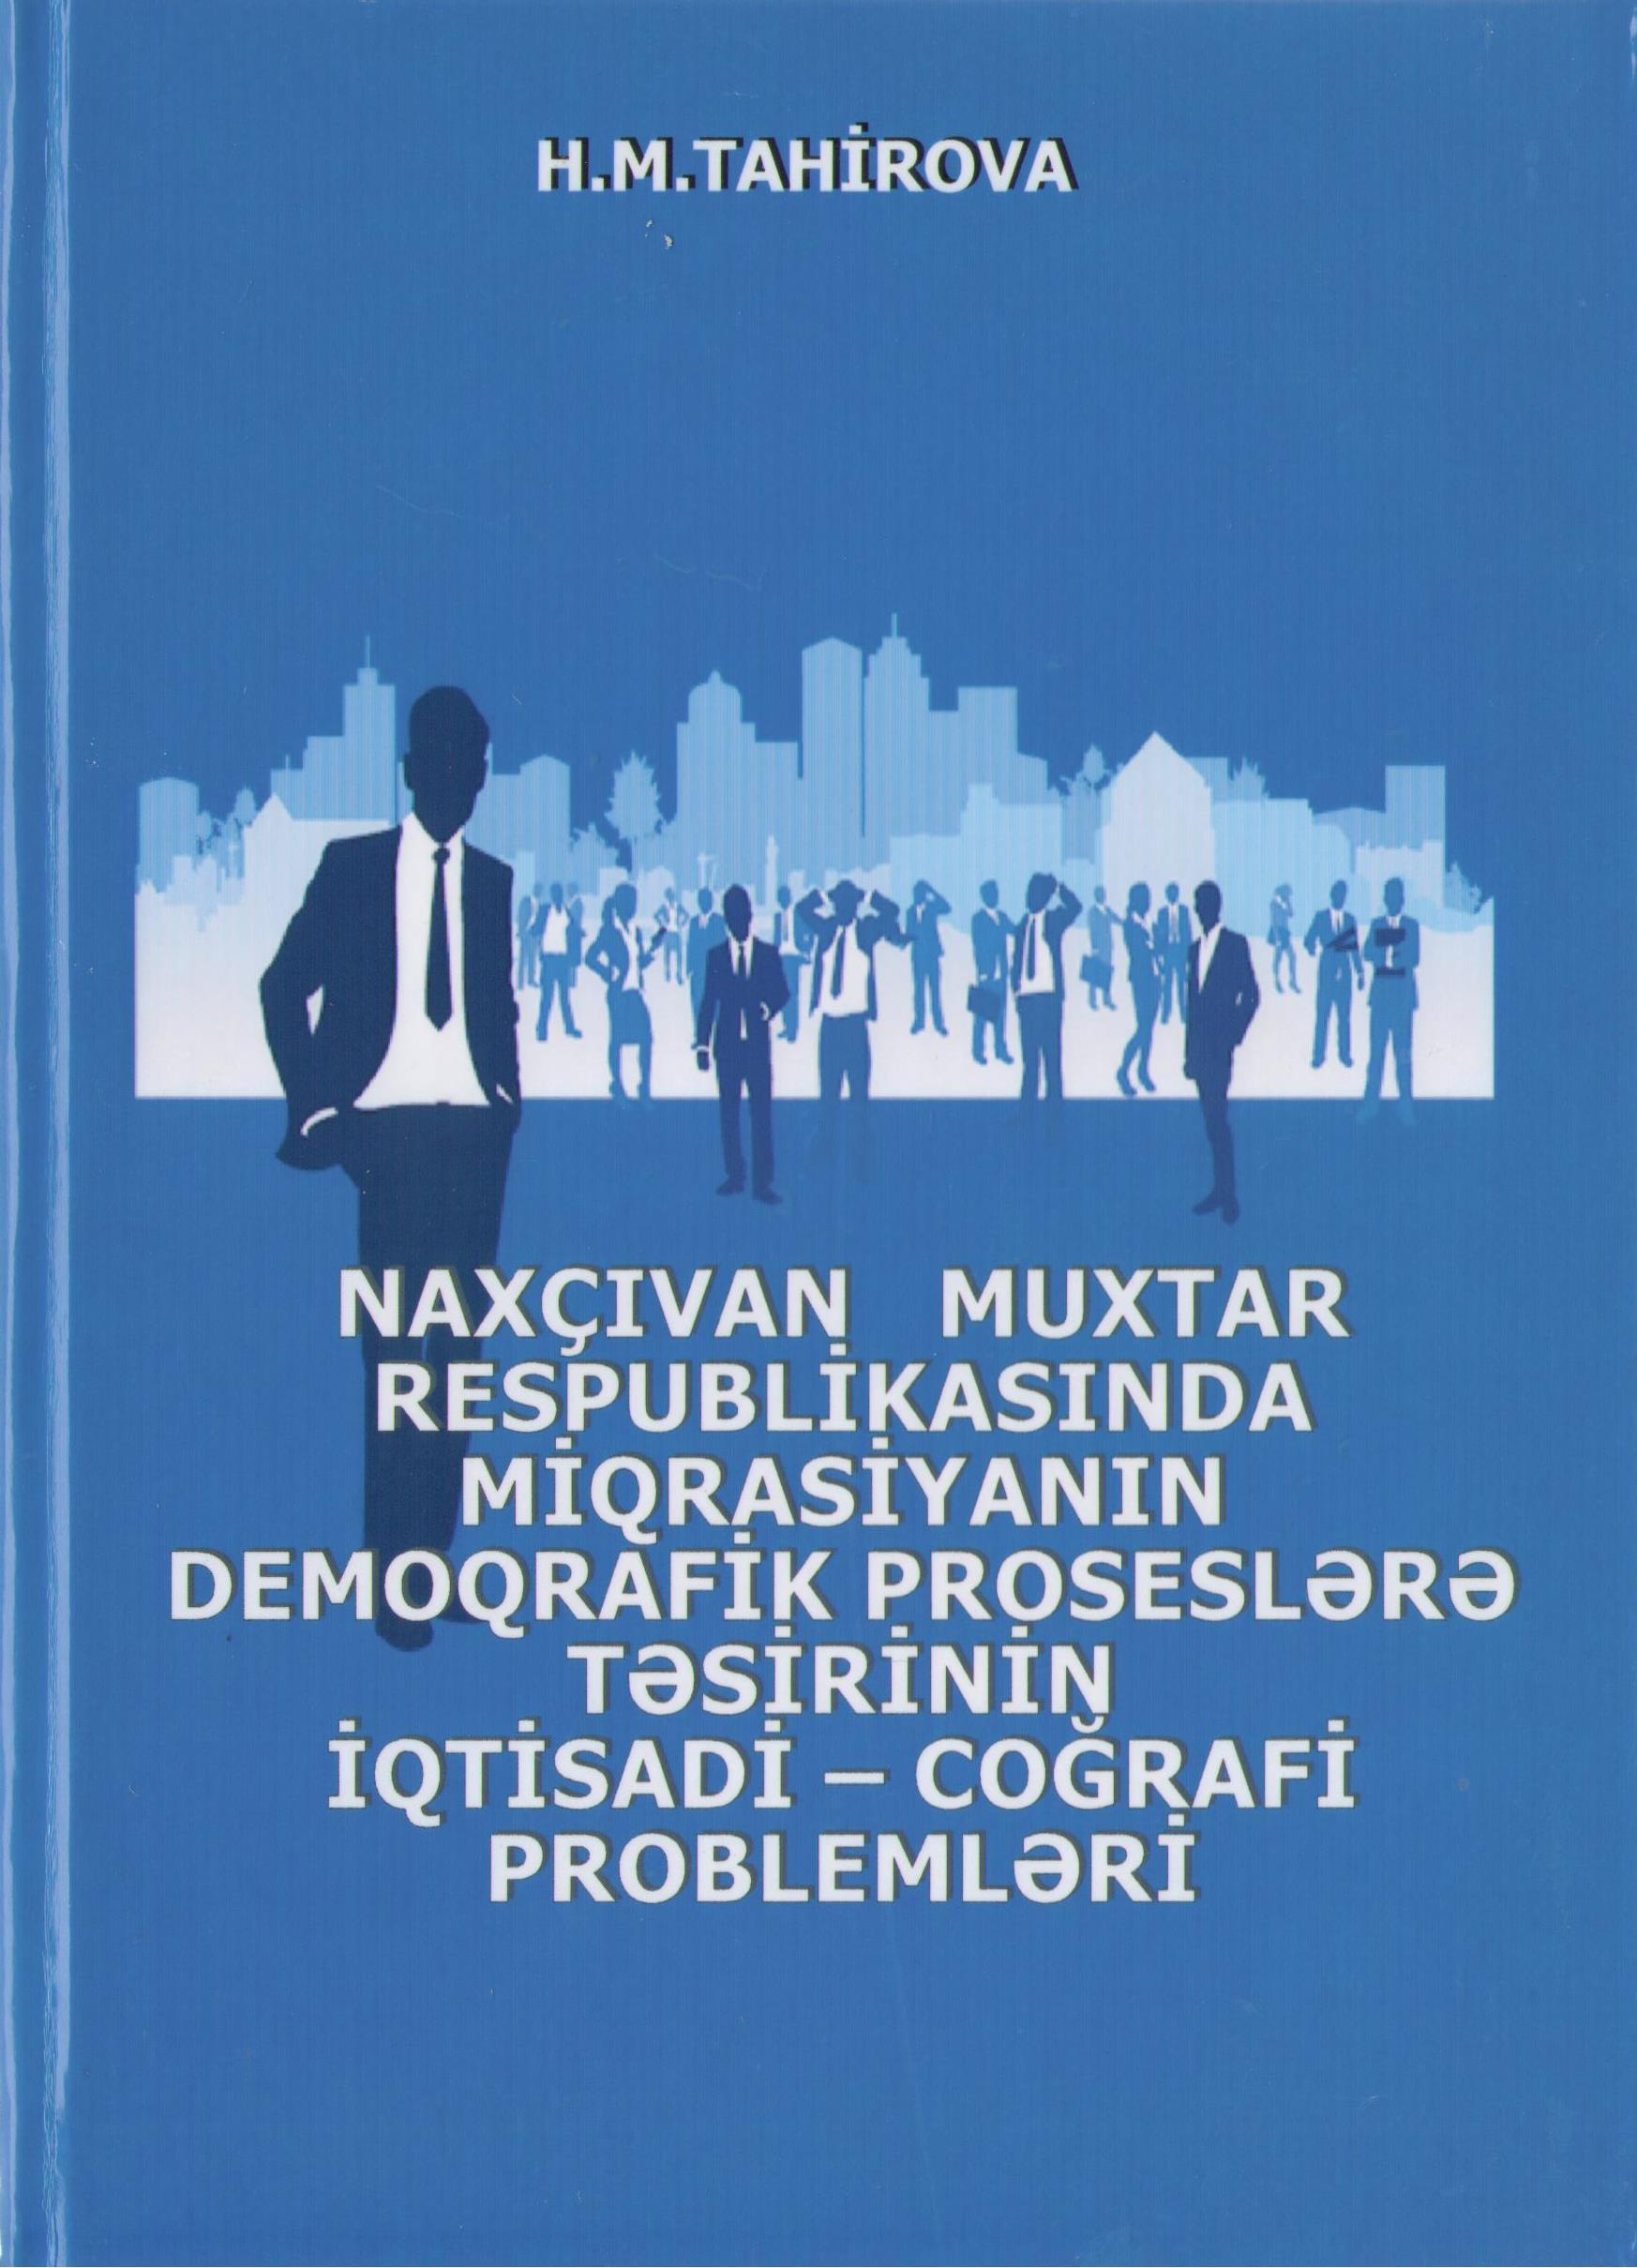 Naxçıvannın miqrasiya, demoqrafik proseslər və iqtisadi-coğrafiyasına dair monoqrafiya çapdan çıxıb